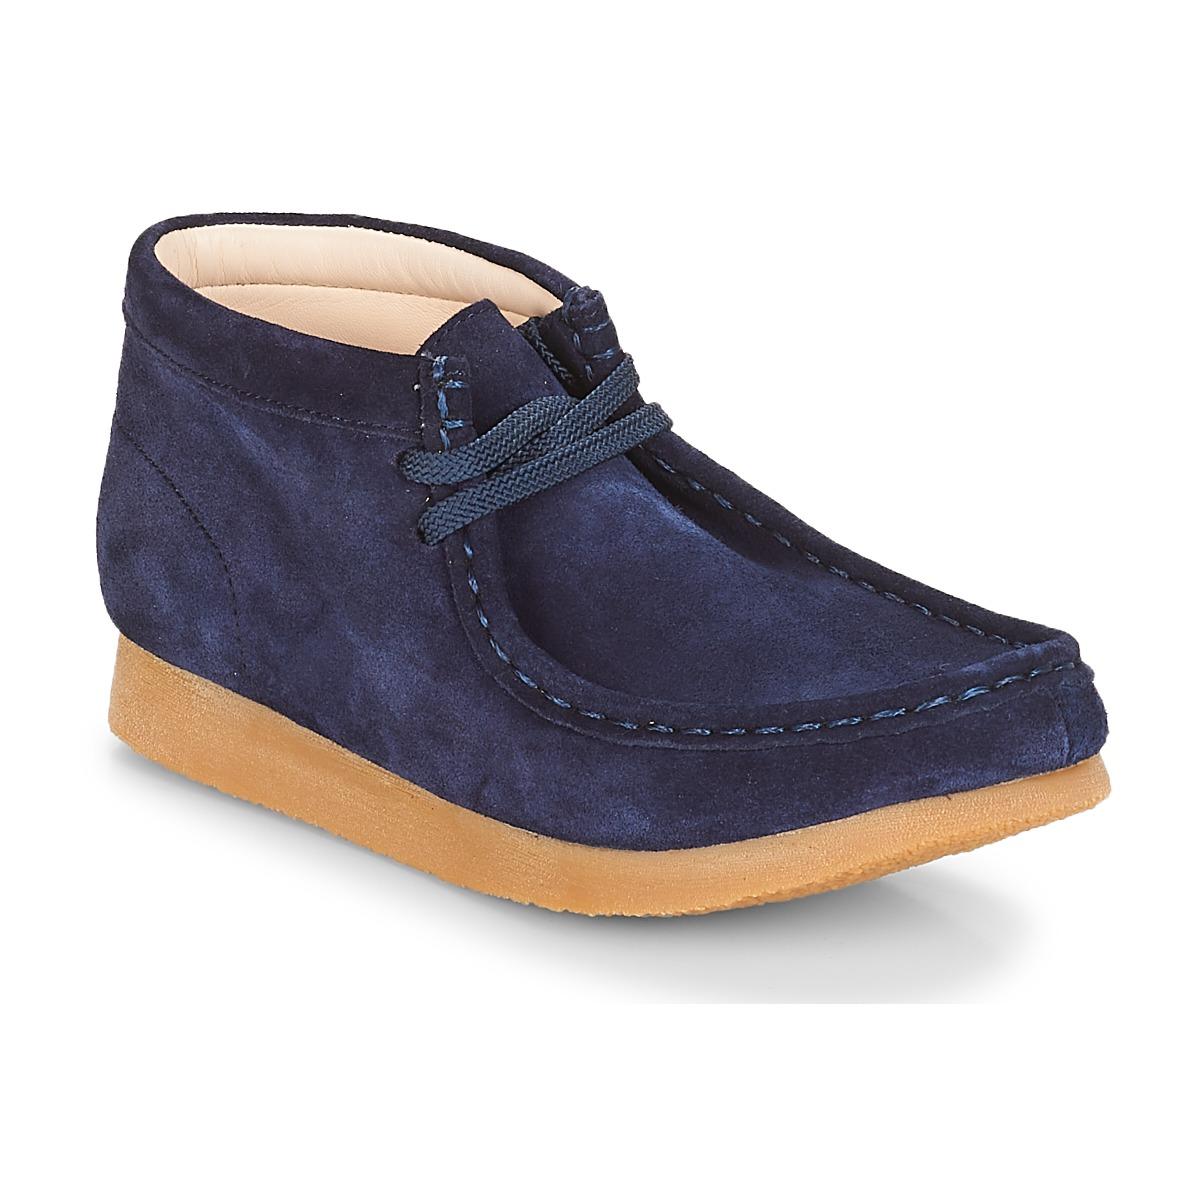 Støvler til børn Clarks  Wallabee Bt